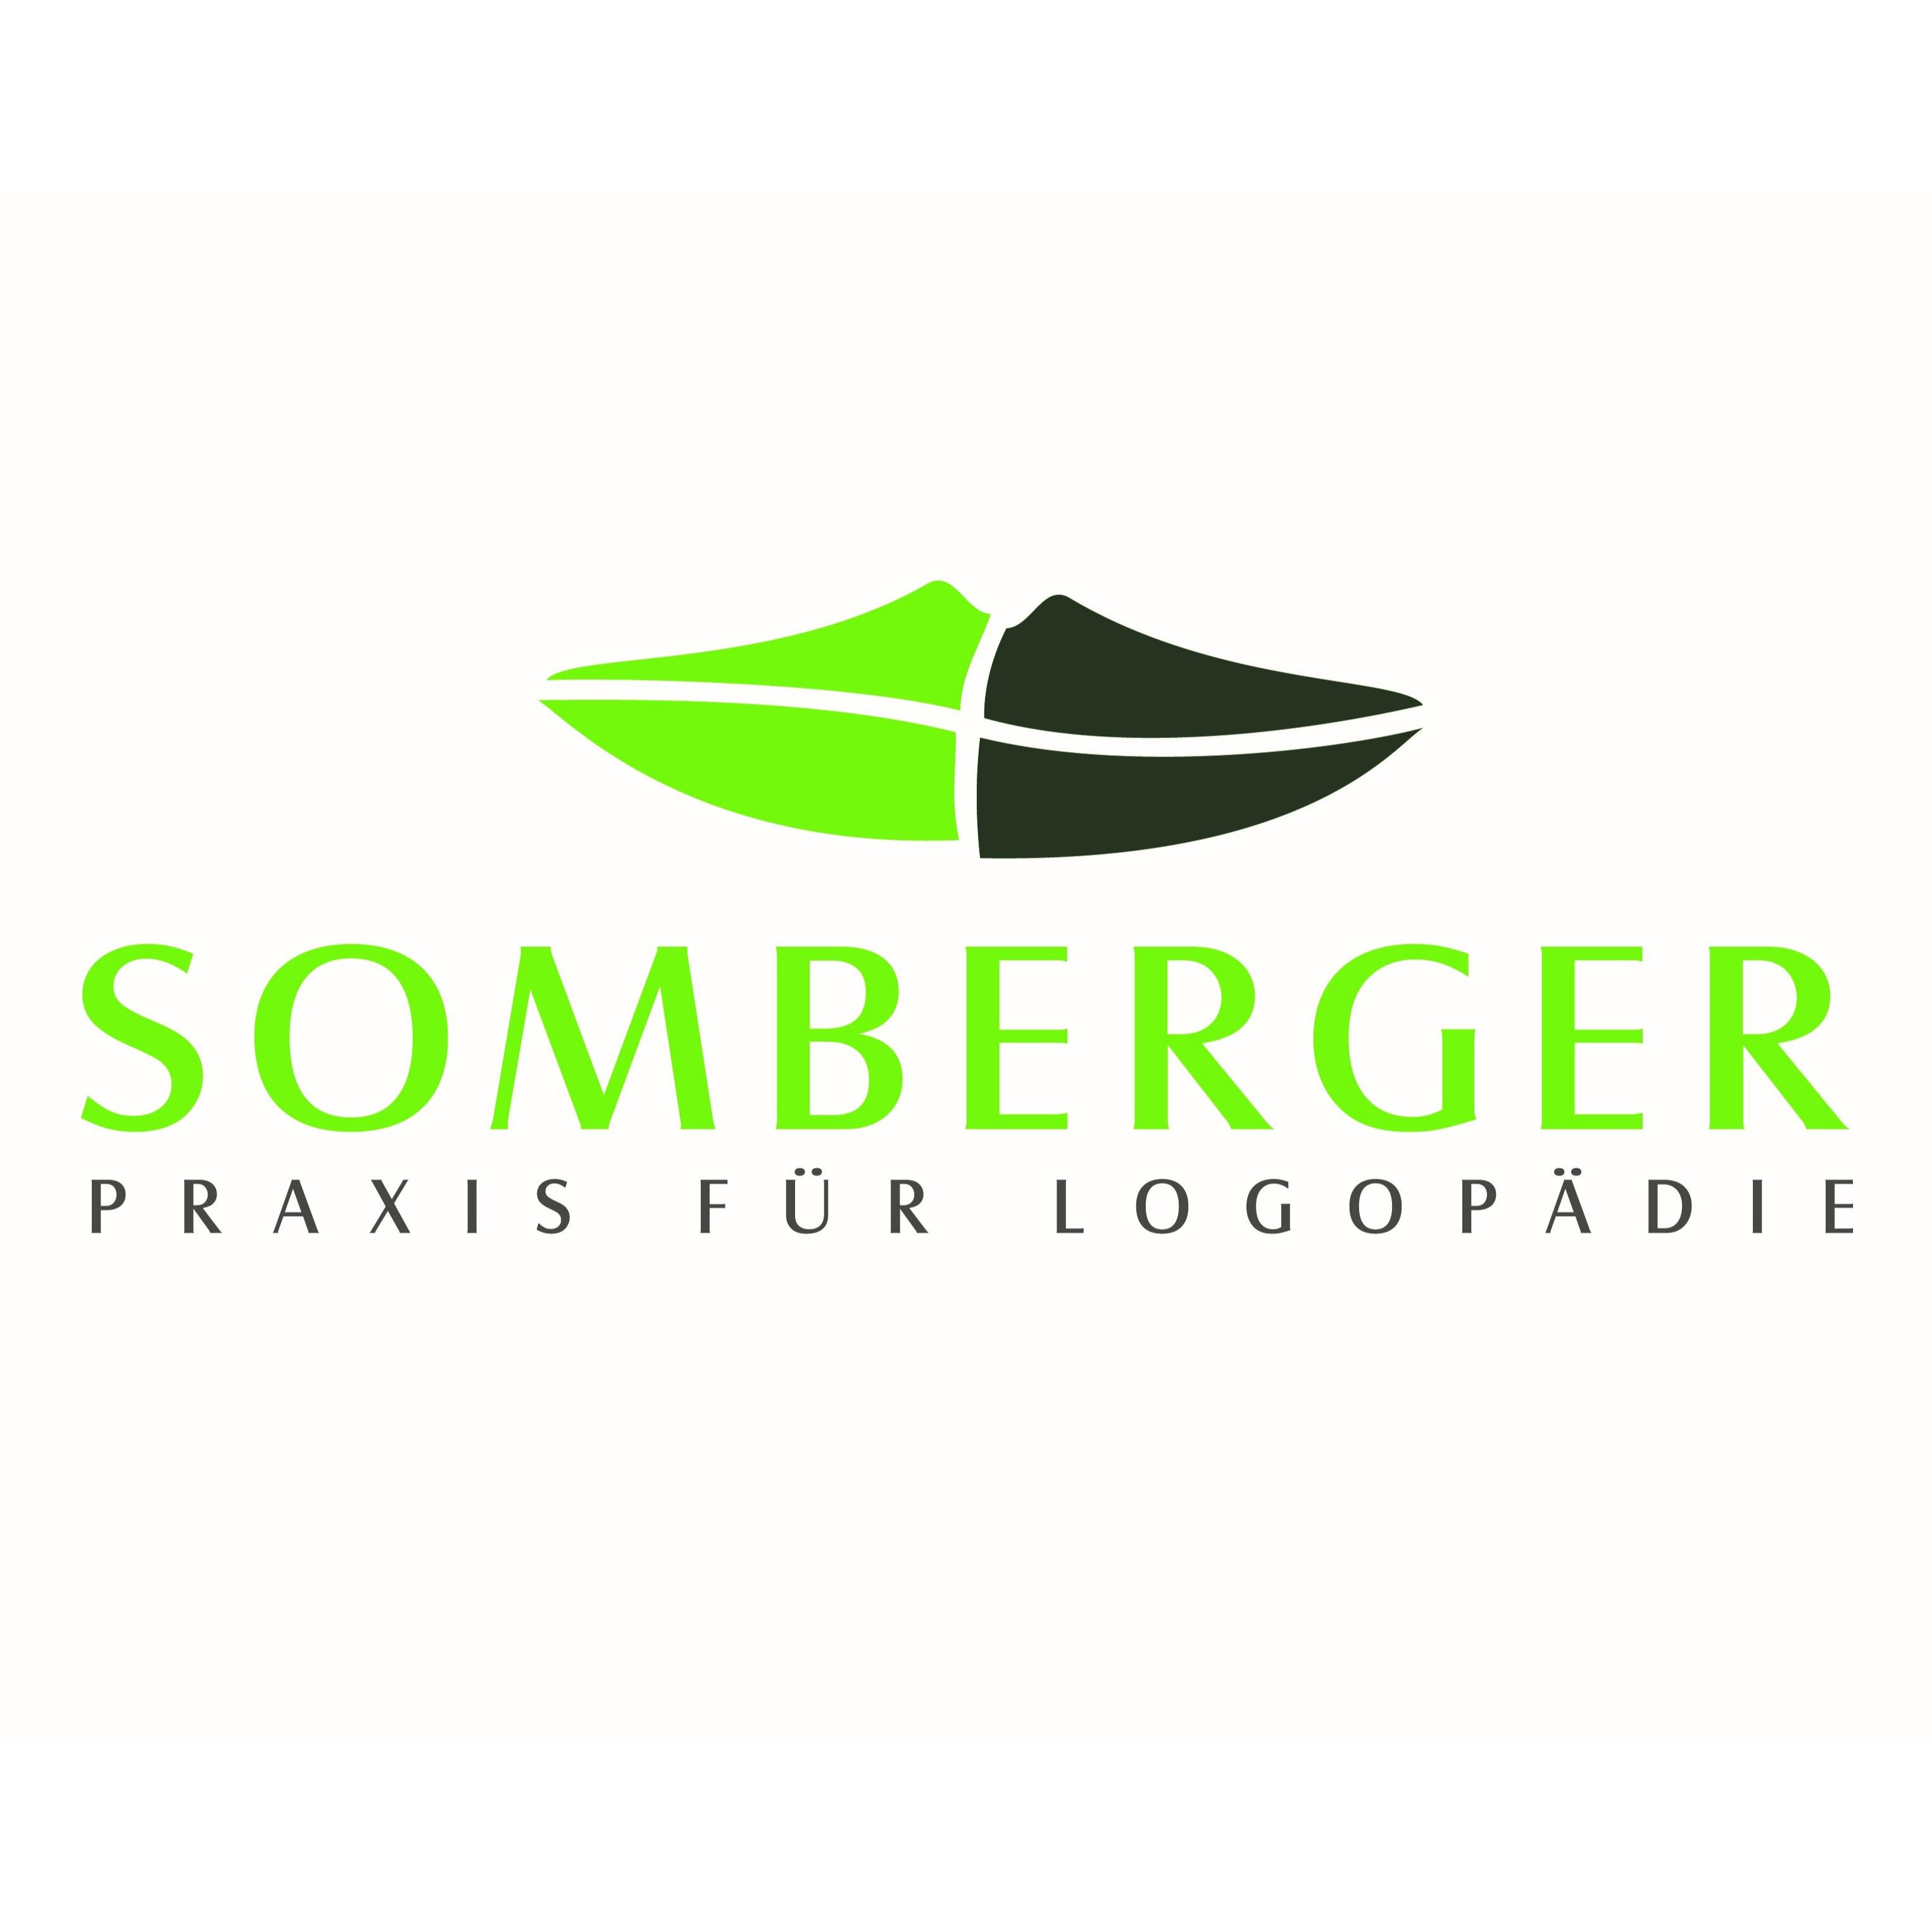 Bild zu Praxis für Logopädie Somberger GmbH in Emsdetten